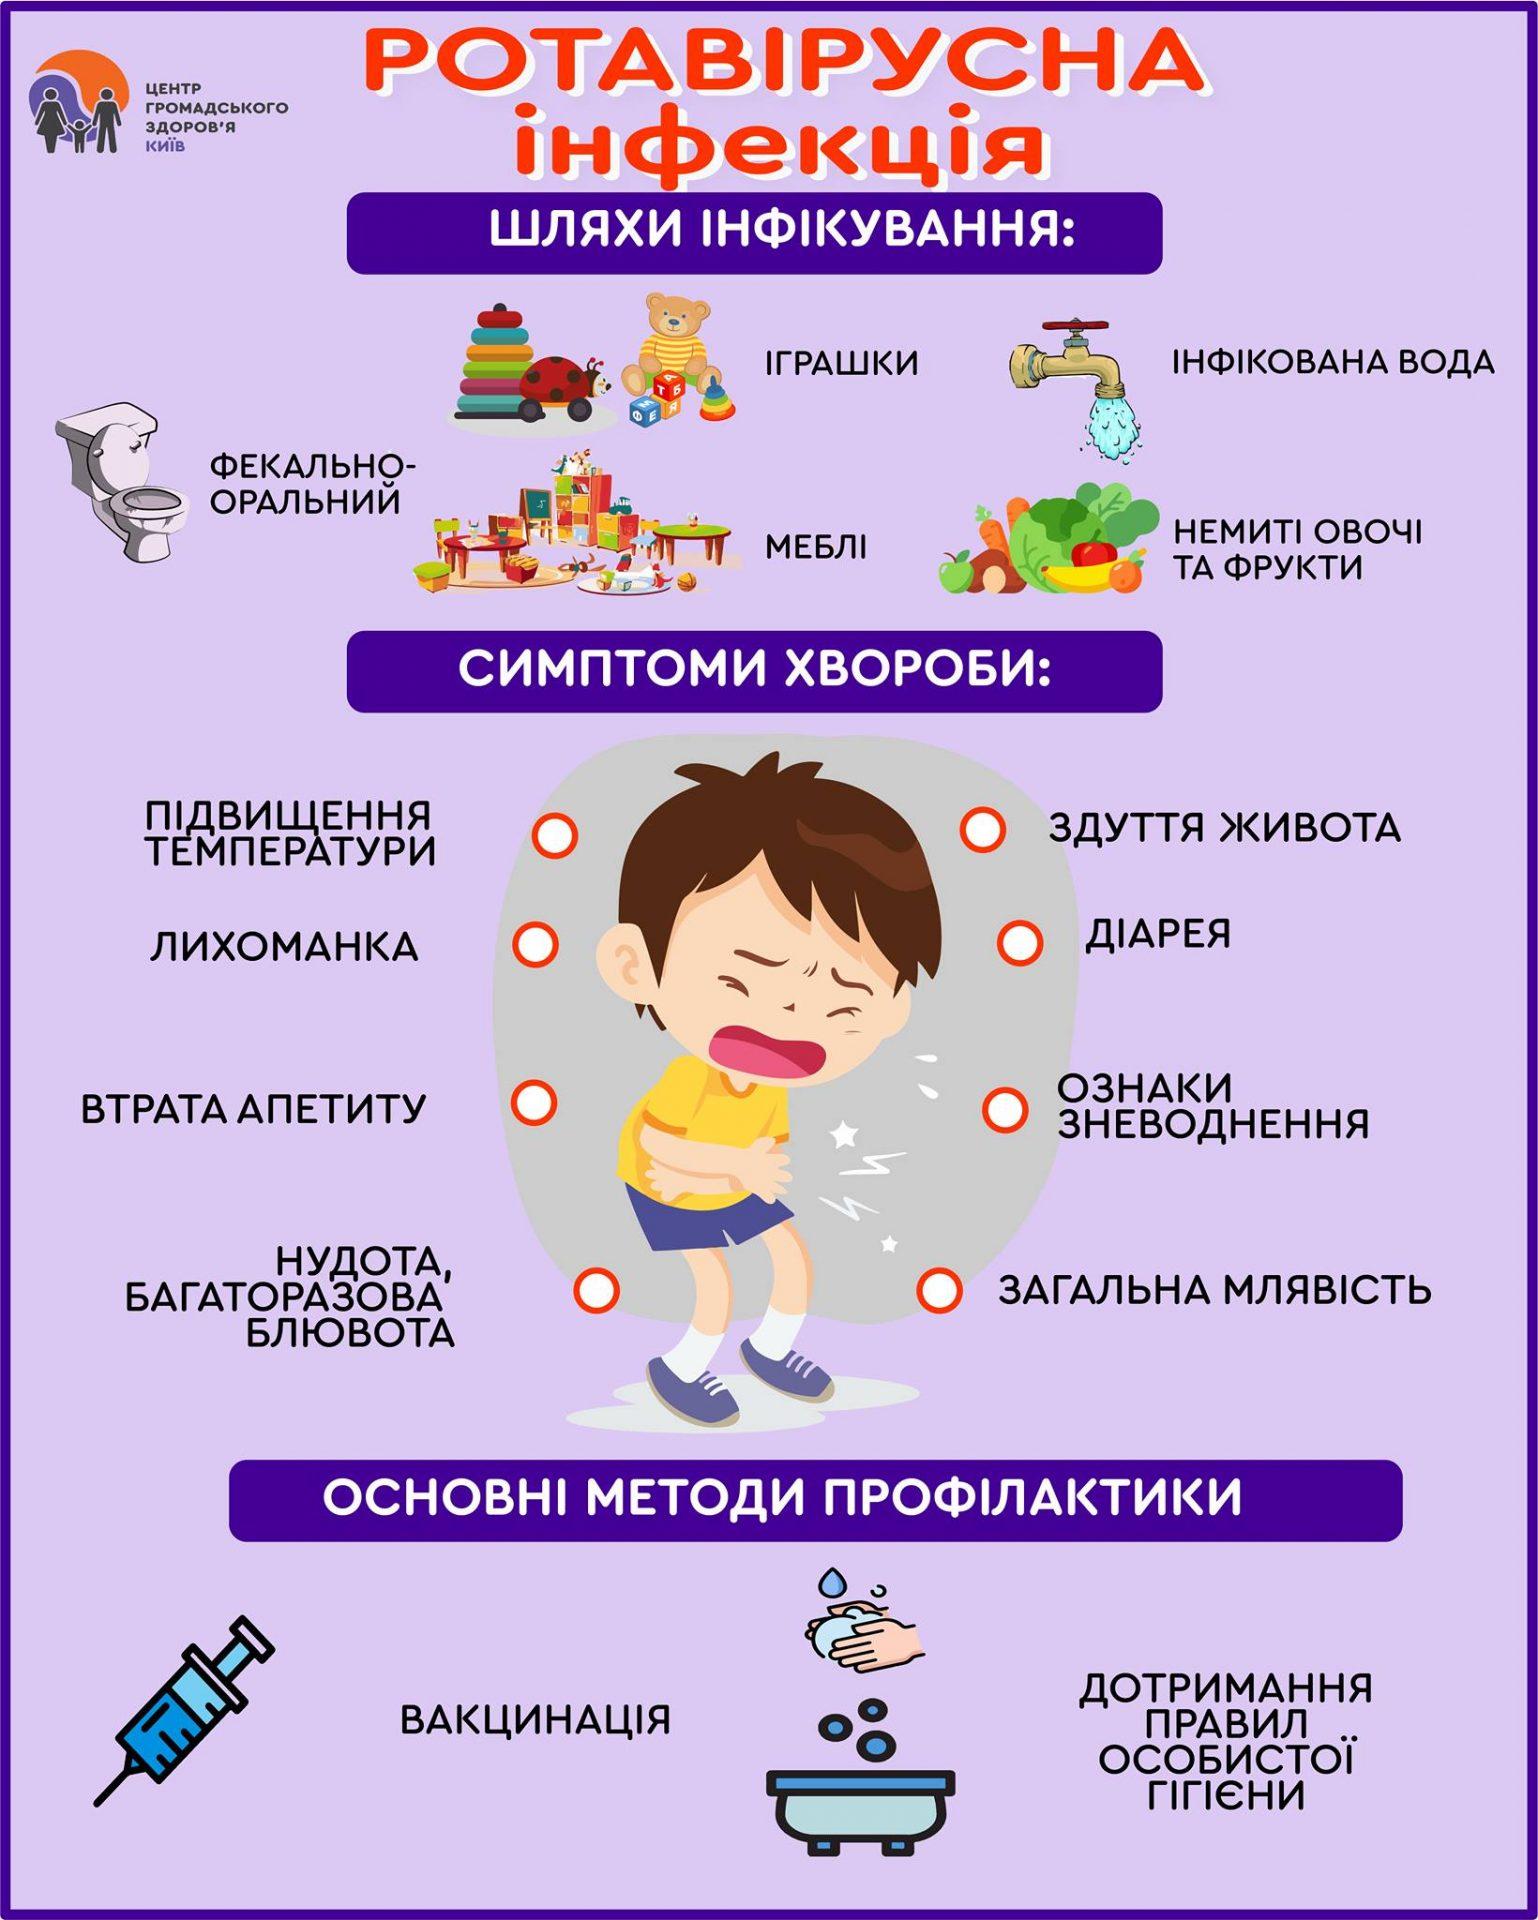 Ротавірусна інфекція: симптоми, лікування та профілактика детская больница запорожье КНП «Міська дитяча лікарня №5» ЗМР – це єдина у місті Запоріжжі багатопрофільна дитяча лікарня, де сконцентровано всі види надання спеціалізованої медичної допомоги дитячому населенню: стаціонарної, консультативної амбулаторно-поліклінічної та виїзної для інтенсивної терапії новонародженим.